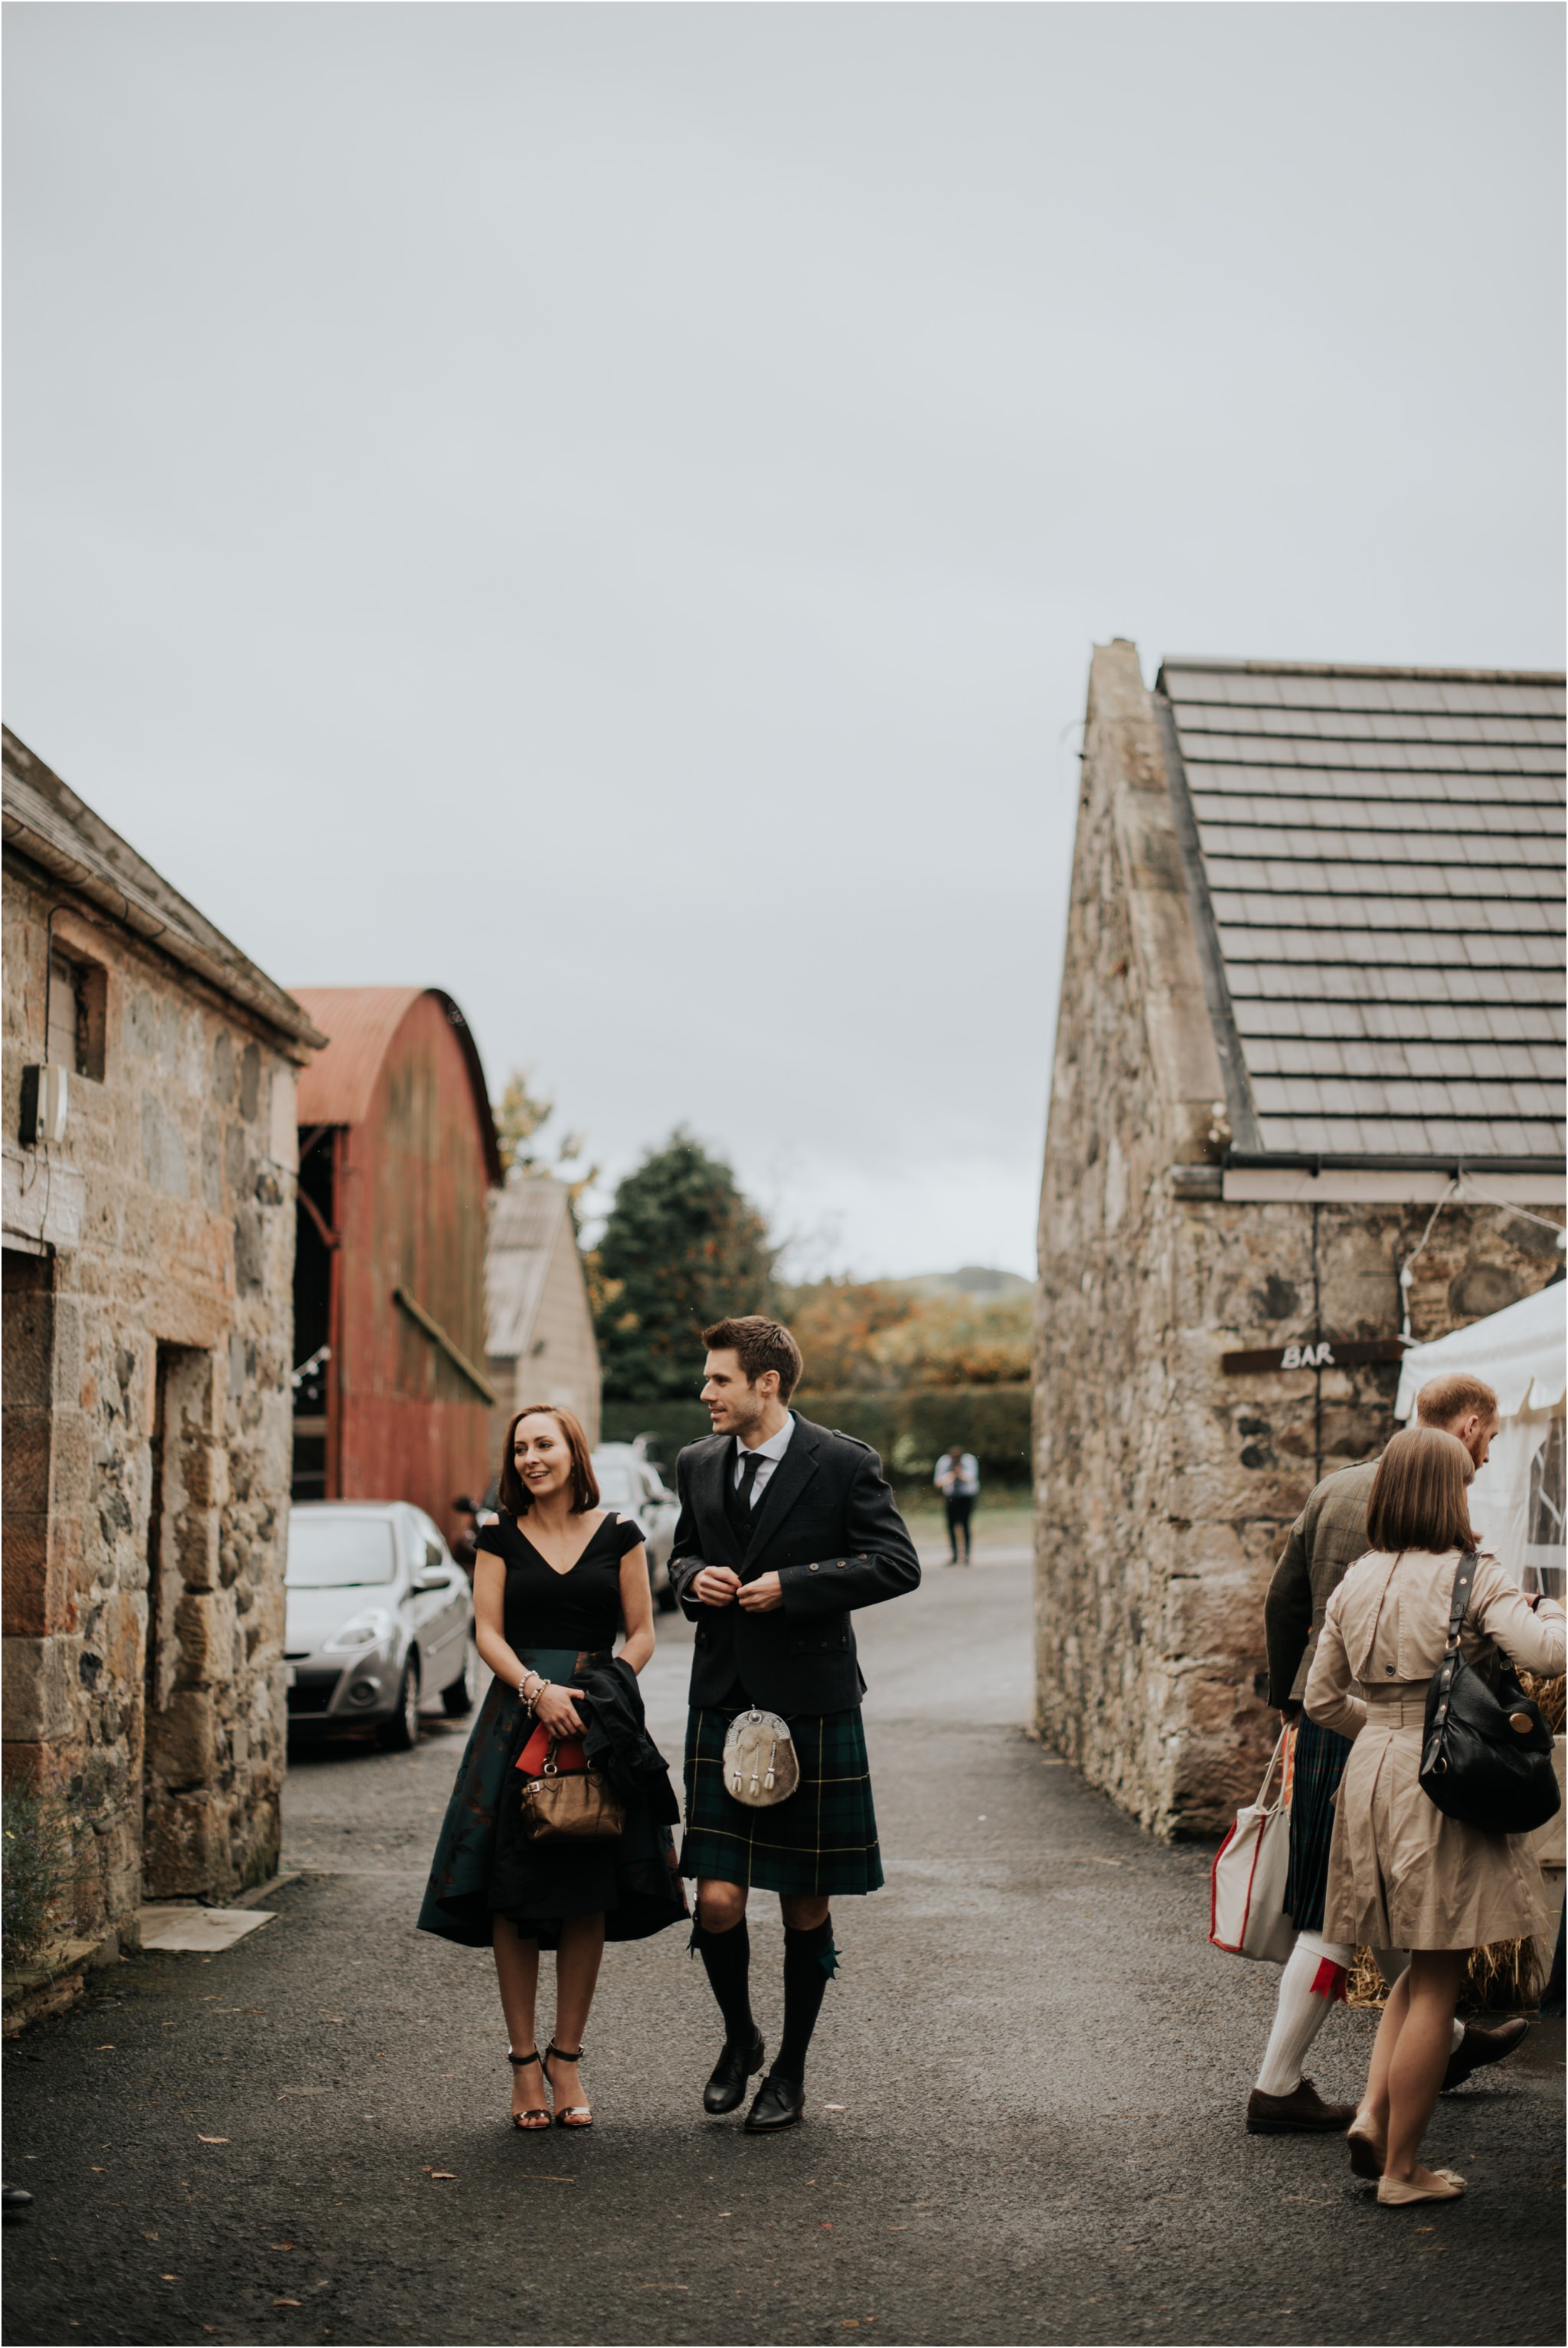 Photography 78 - Glasgow Wedding Photographer - Pete & Eilidh - Dalduff Farm_0013.jpg